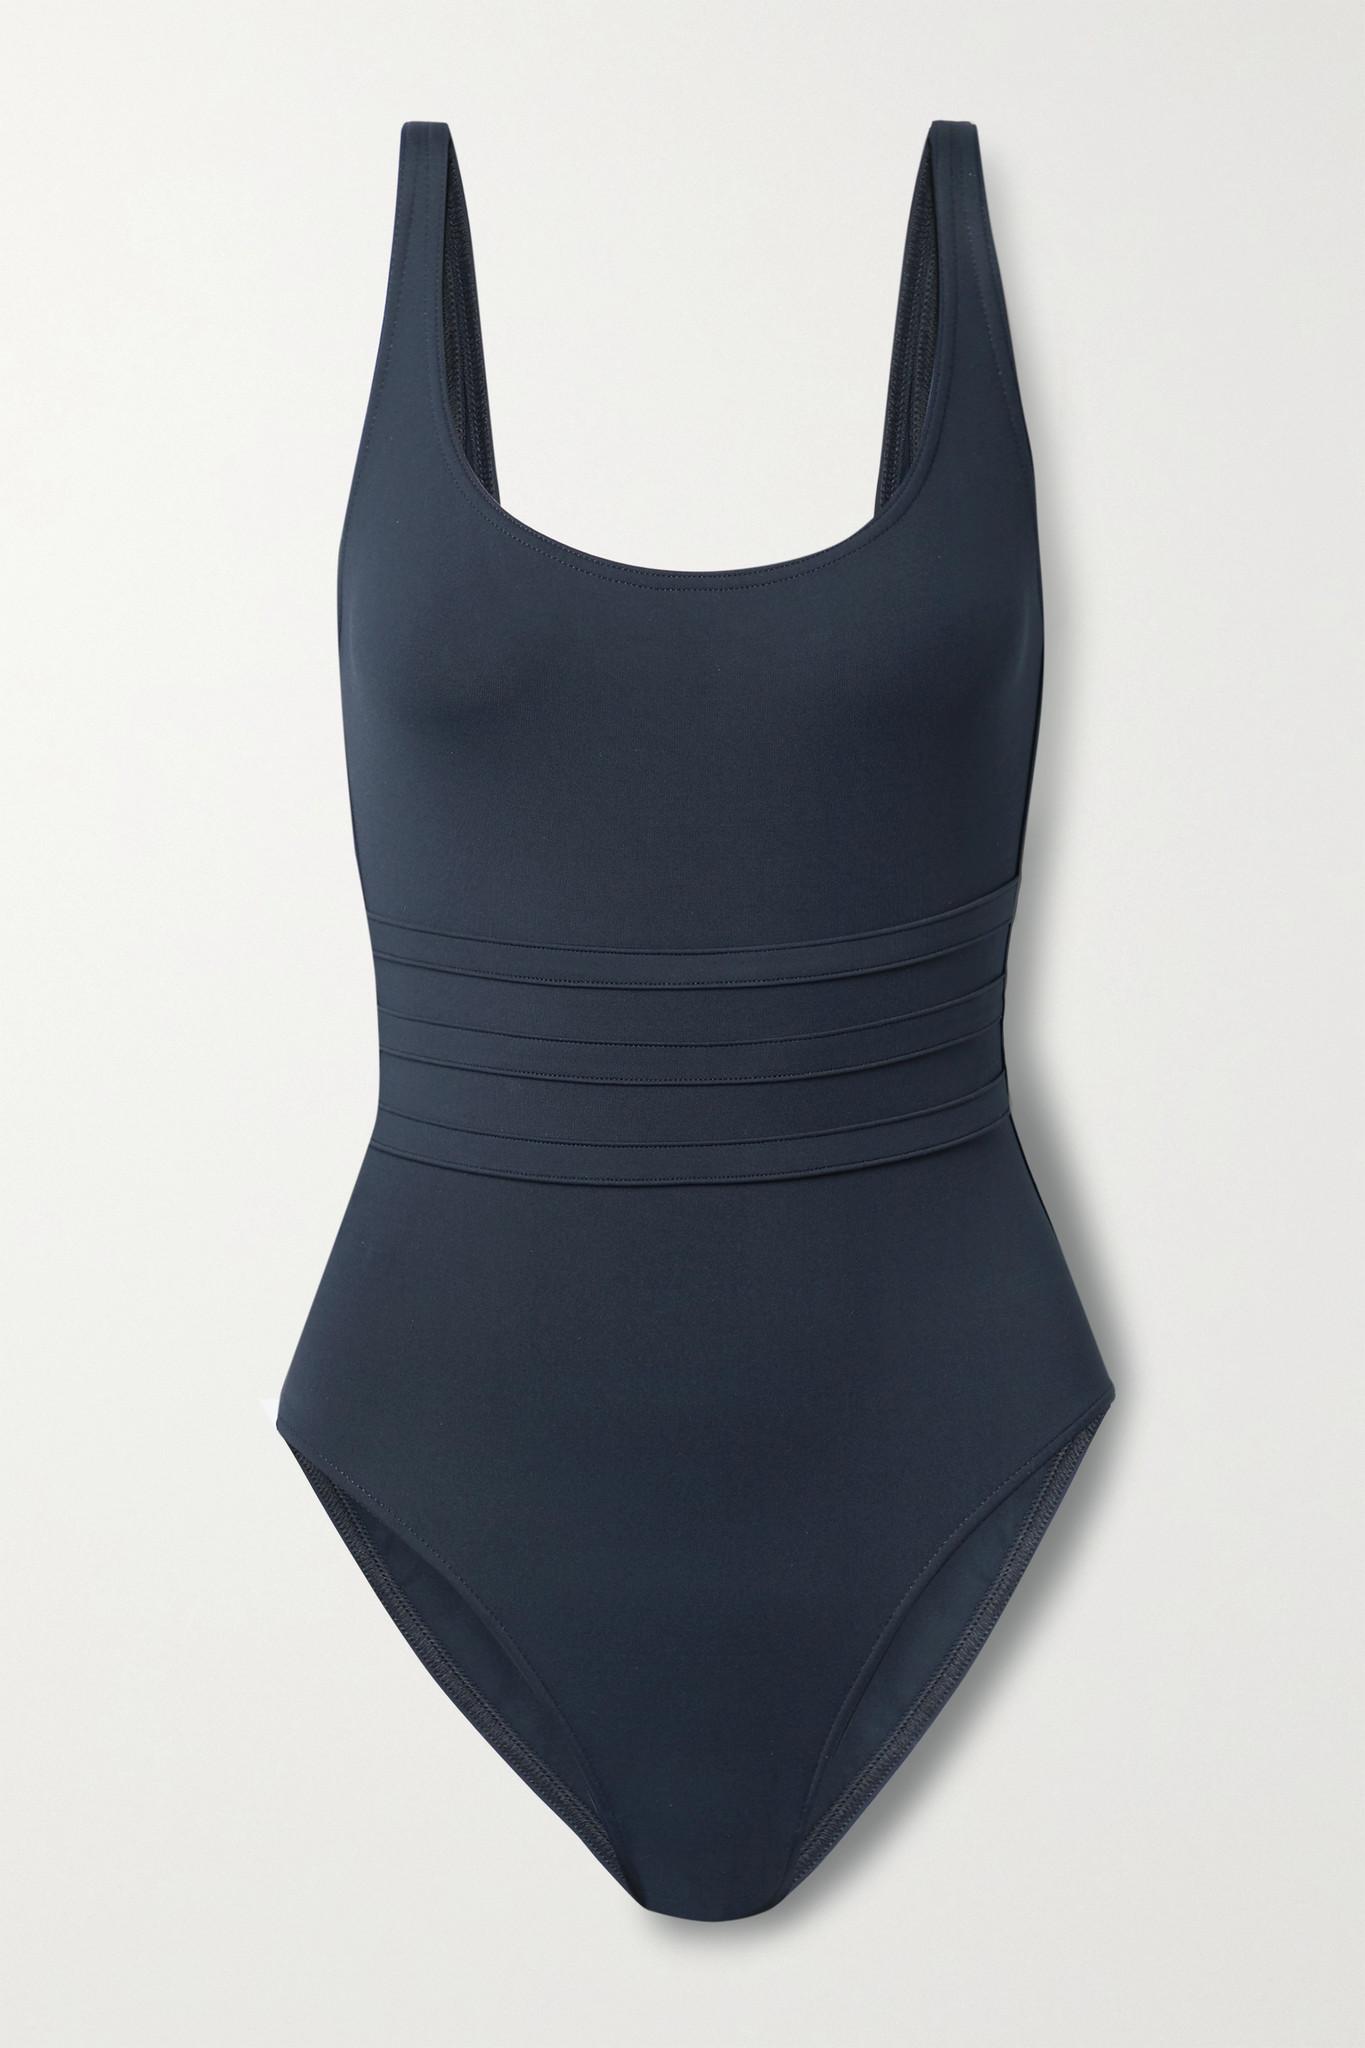 ERES - Les Essentiels Asia Paneled Swimsuit - Blue - FR38